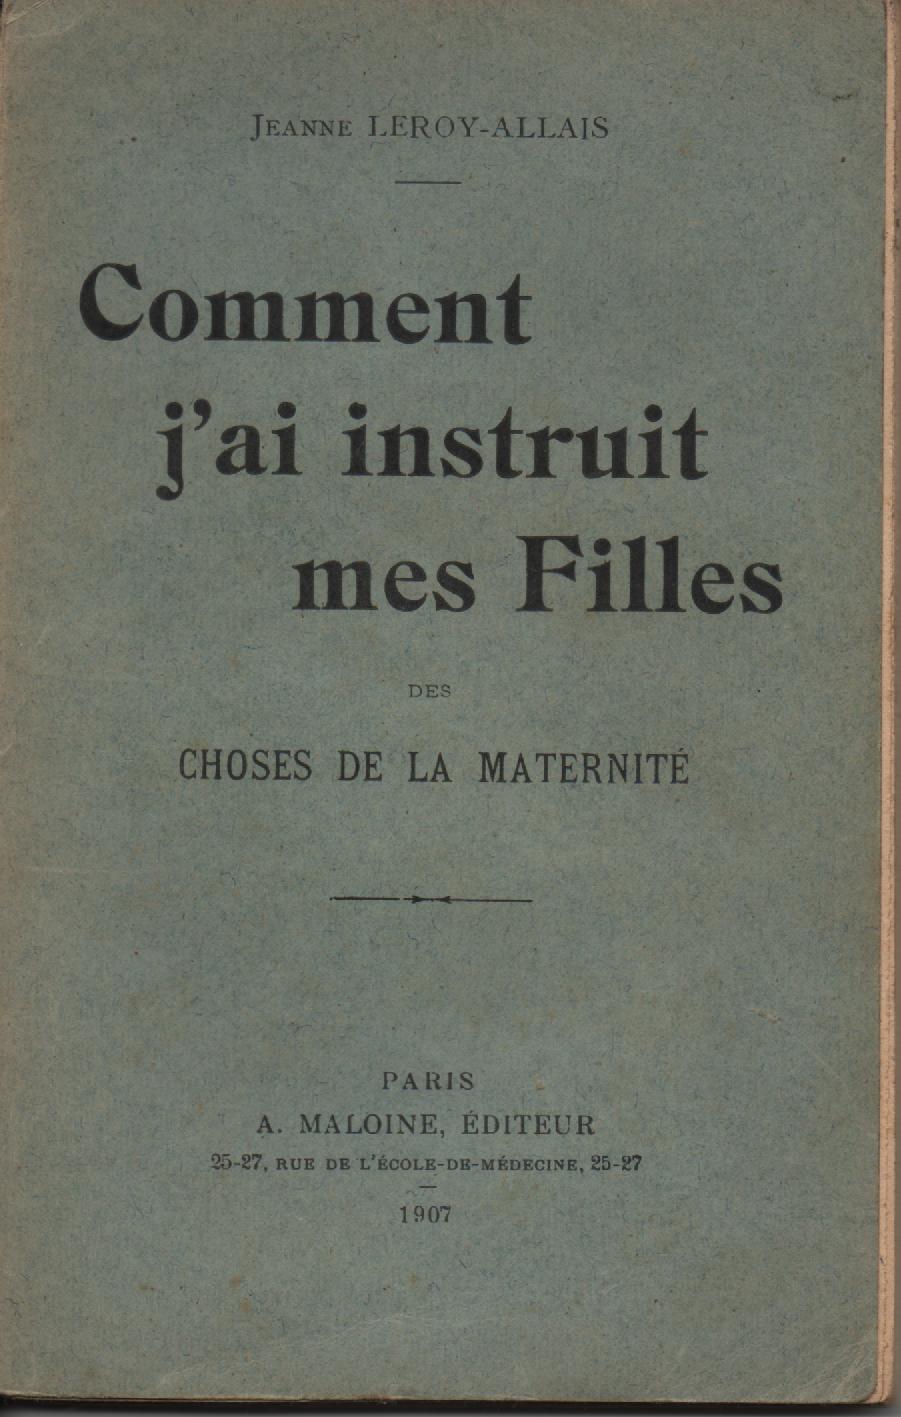 Fichier:Education-jeunes-filles Jeanne LEROY-ALLAIS 1907.jpg